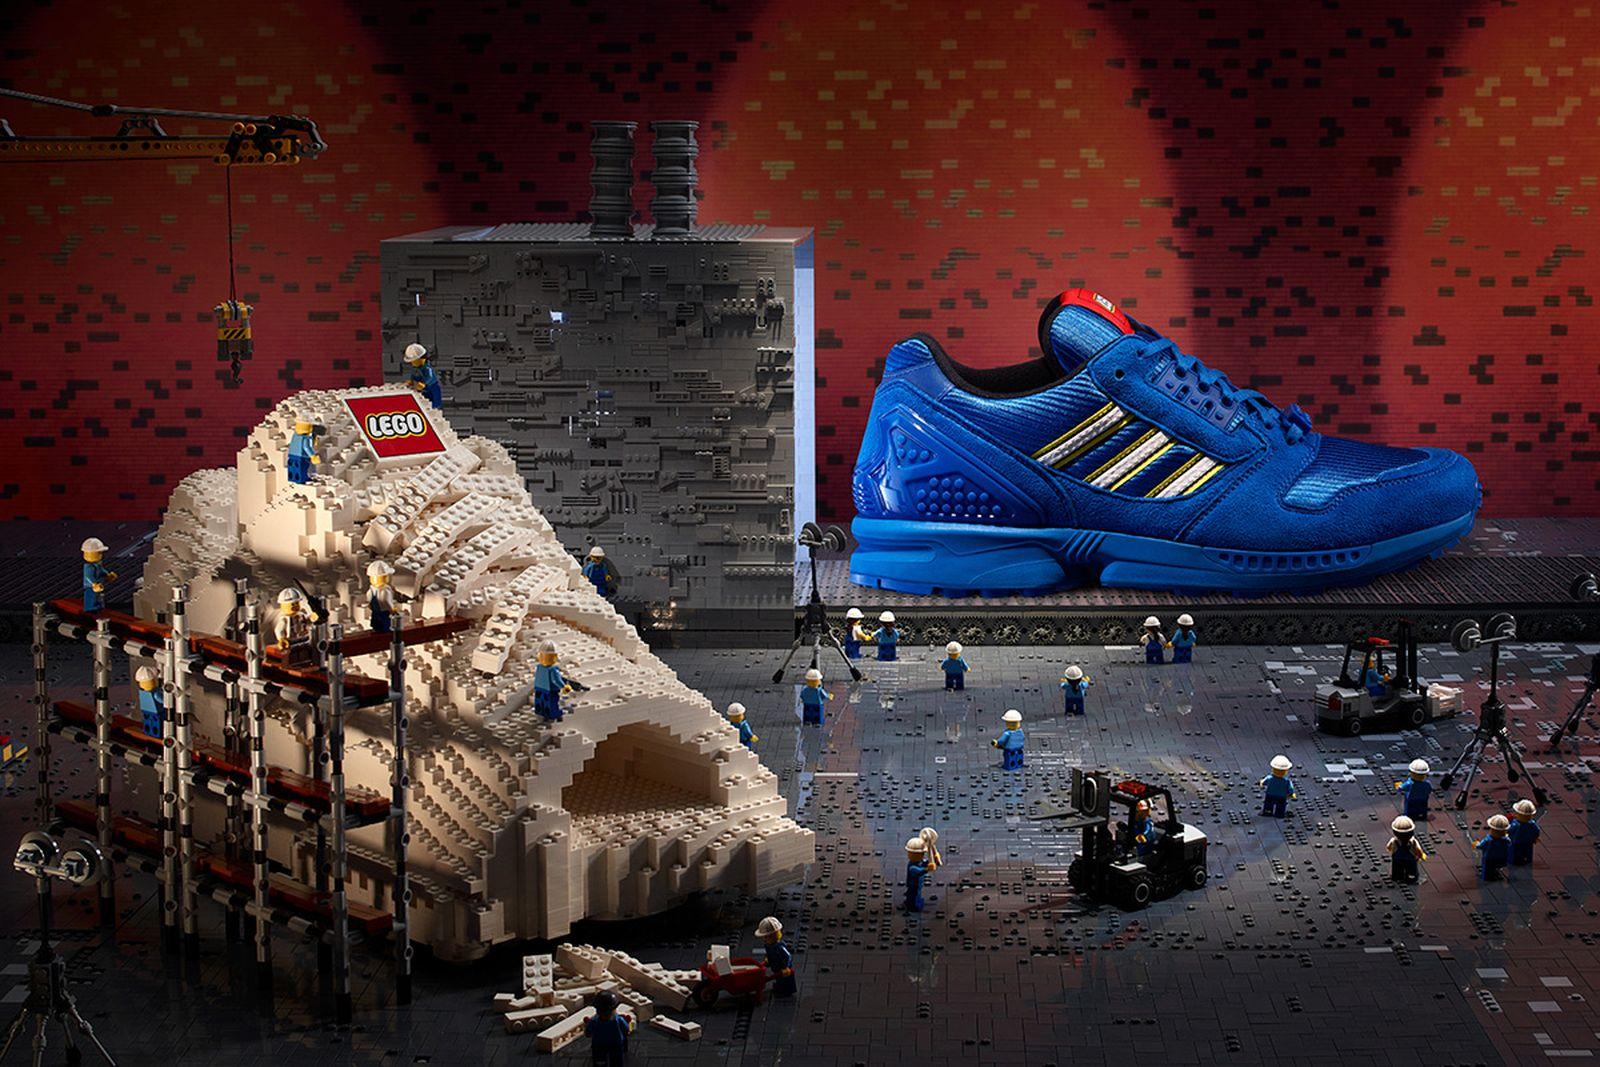 lego-adidas-2